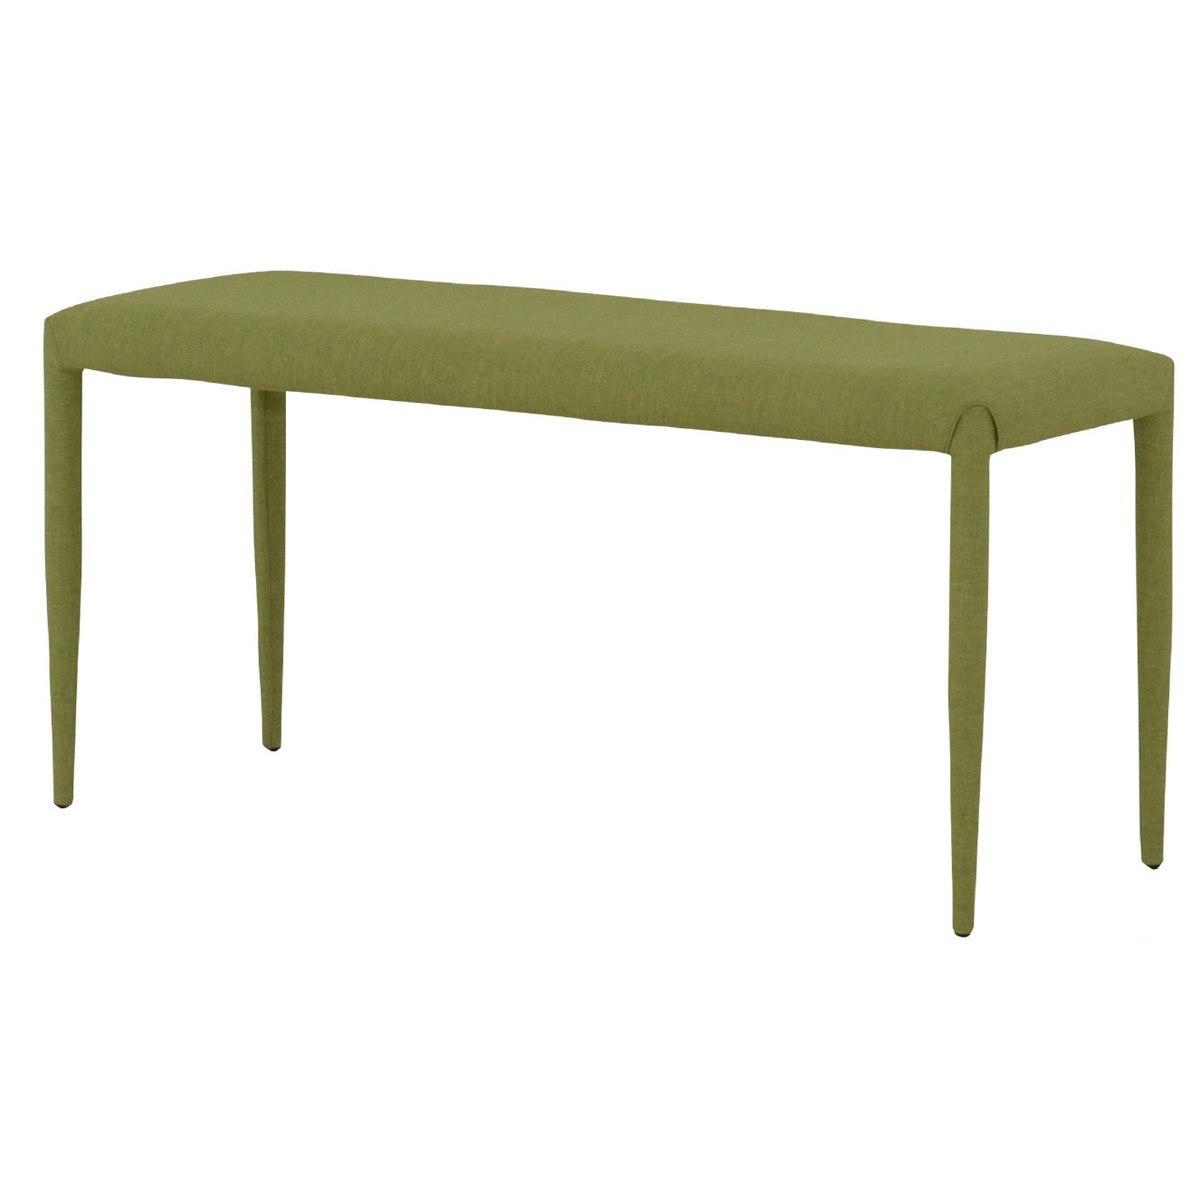 LUTINA ルティナ ダイニングベンチ 2人掛けサイズ 100cm幅 グリーン